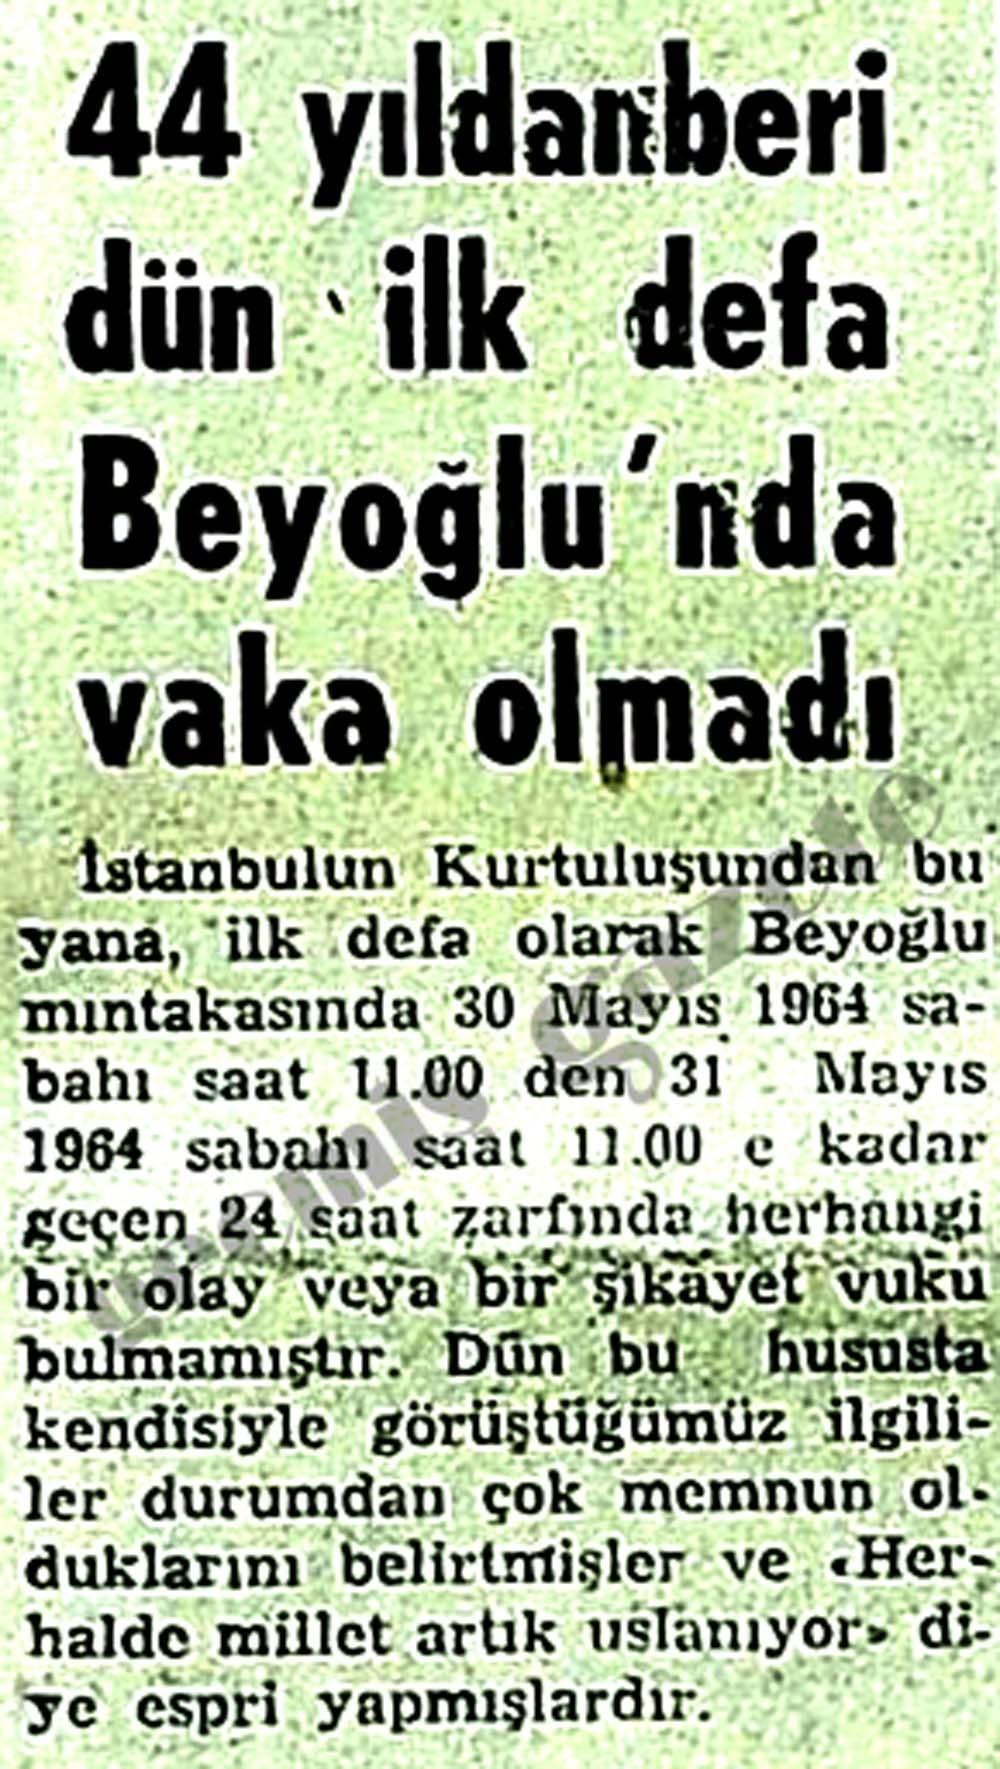 44 yıldanberi dün ilk defa Beyoğlu'nda vaka olmadı